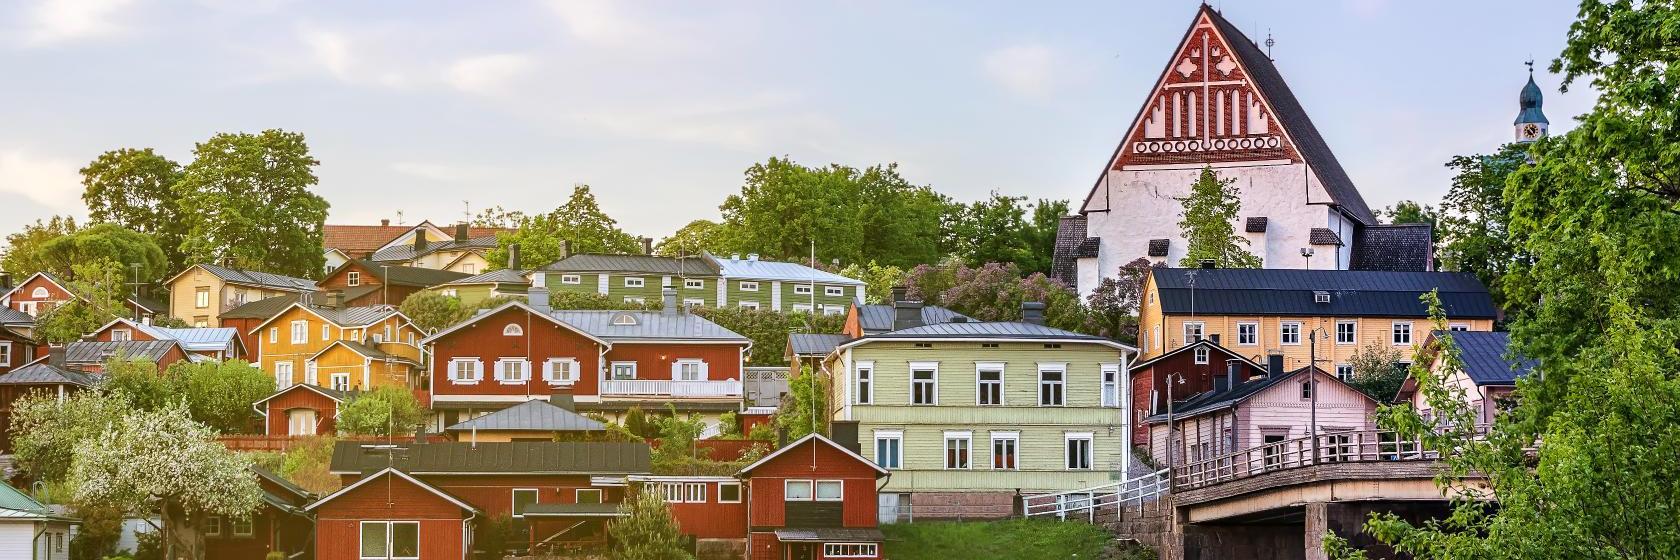 10 Parasta Hotellia Porvoossa Hinnat Alkaen 70